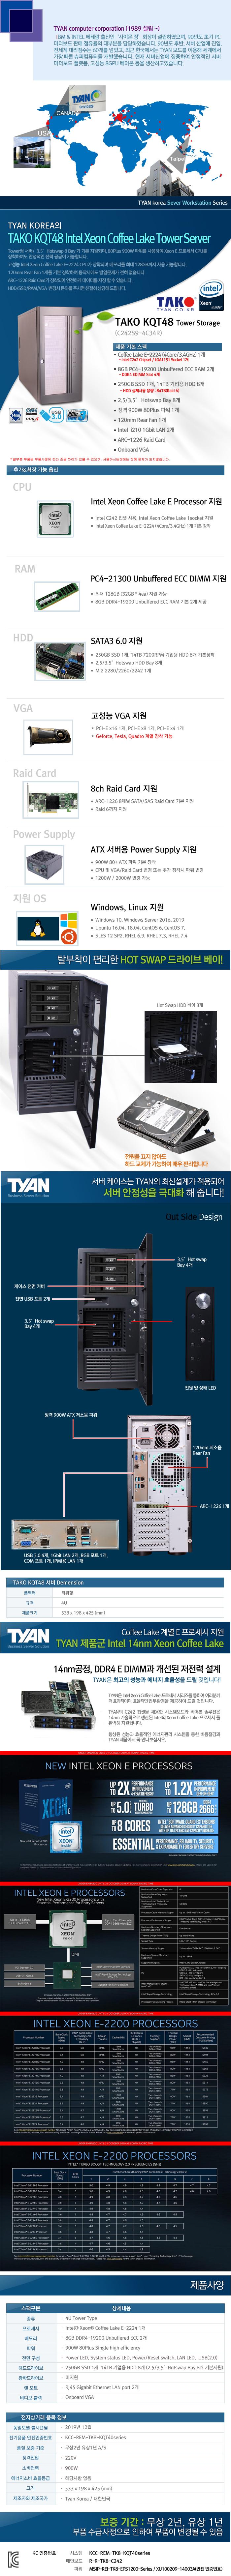 TYAN TAKO-KQT48-(C242S9-4C34R) (16GB, SSD 250GB + 84TB)